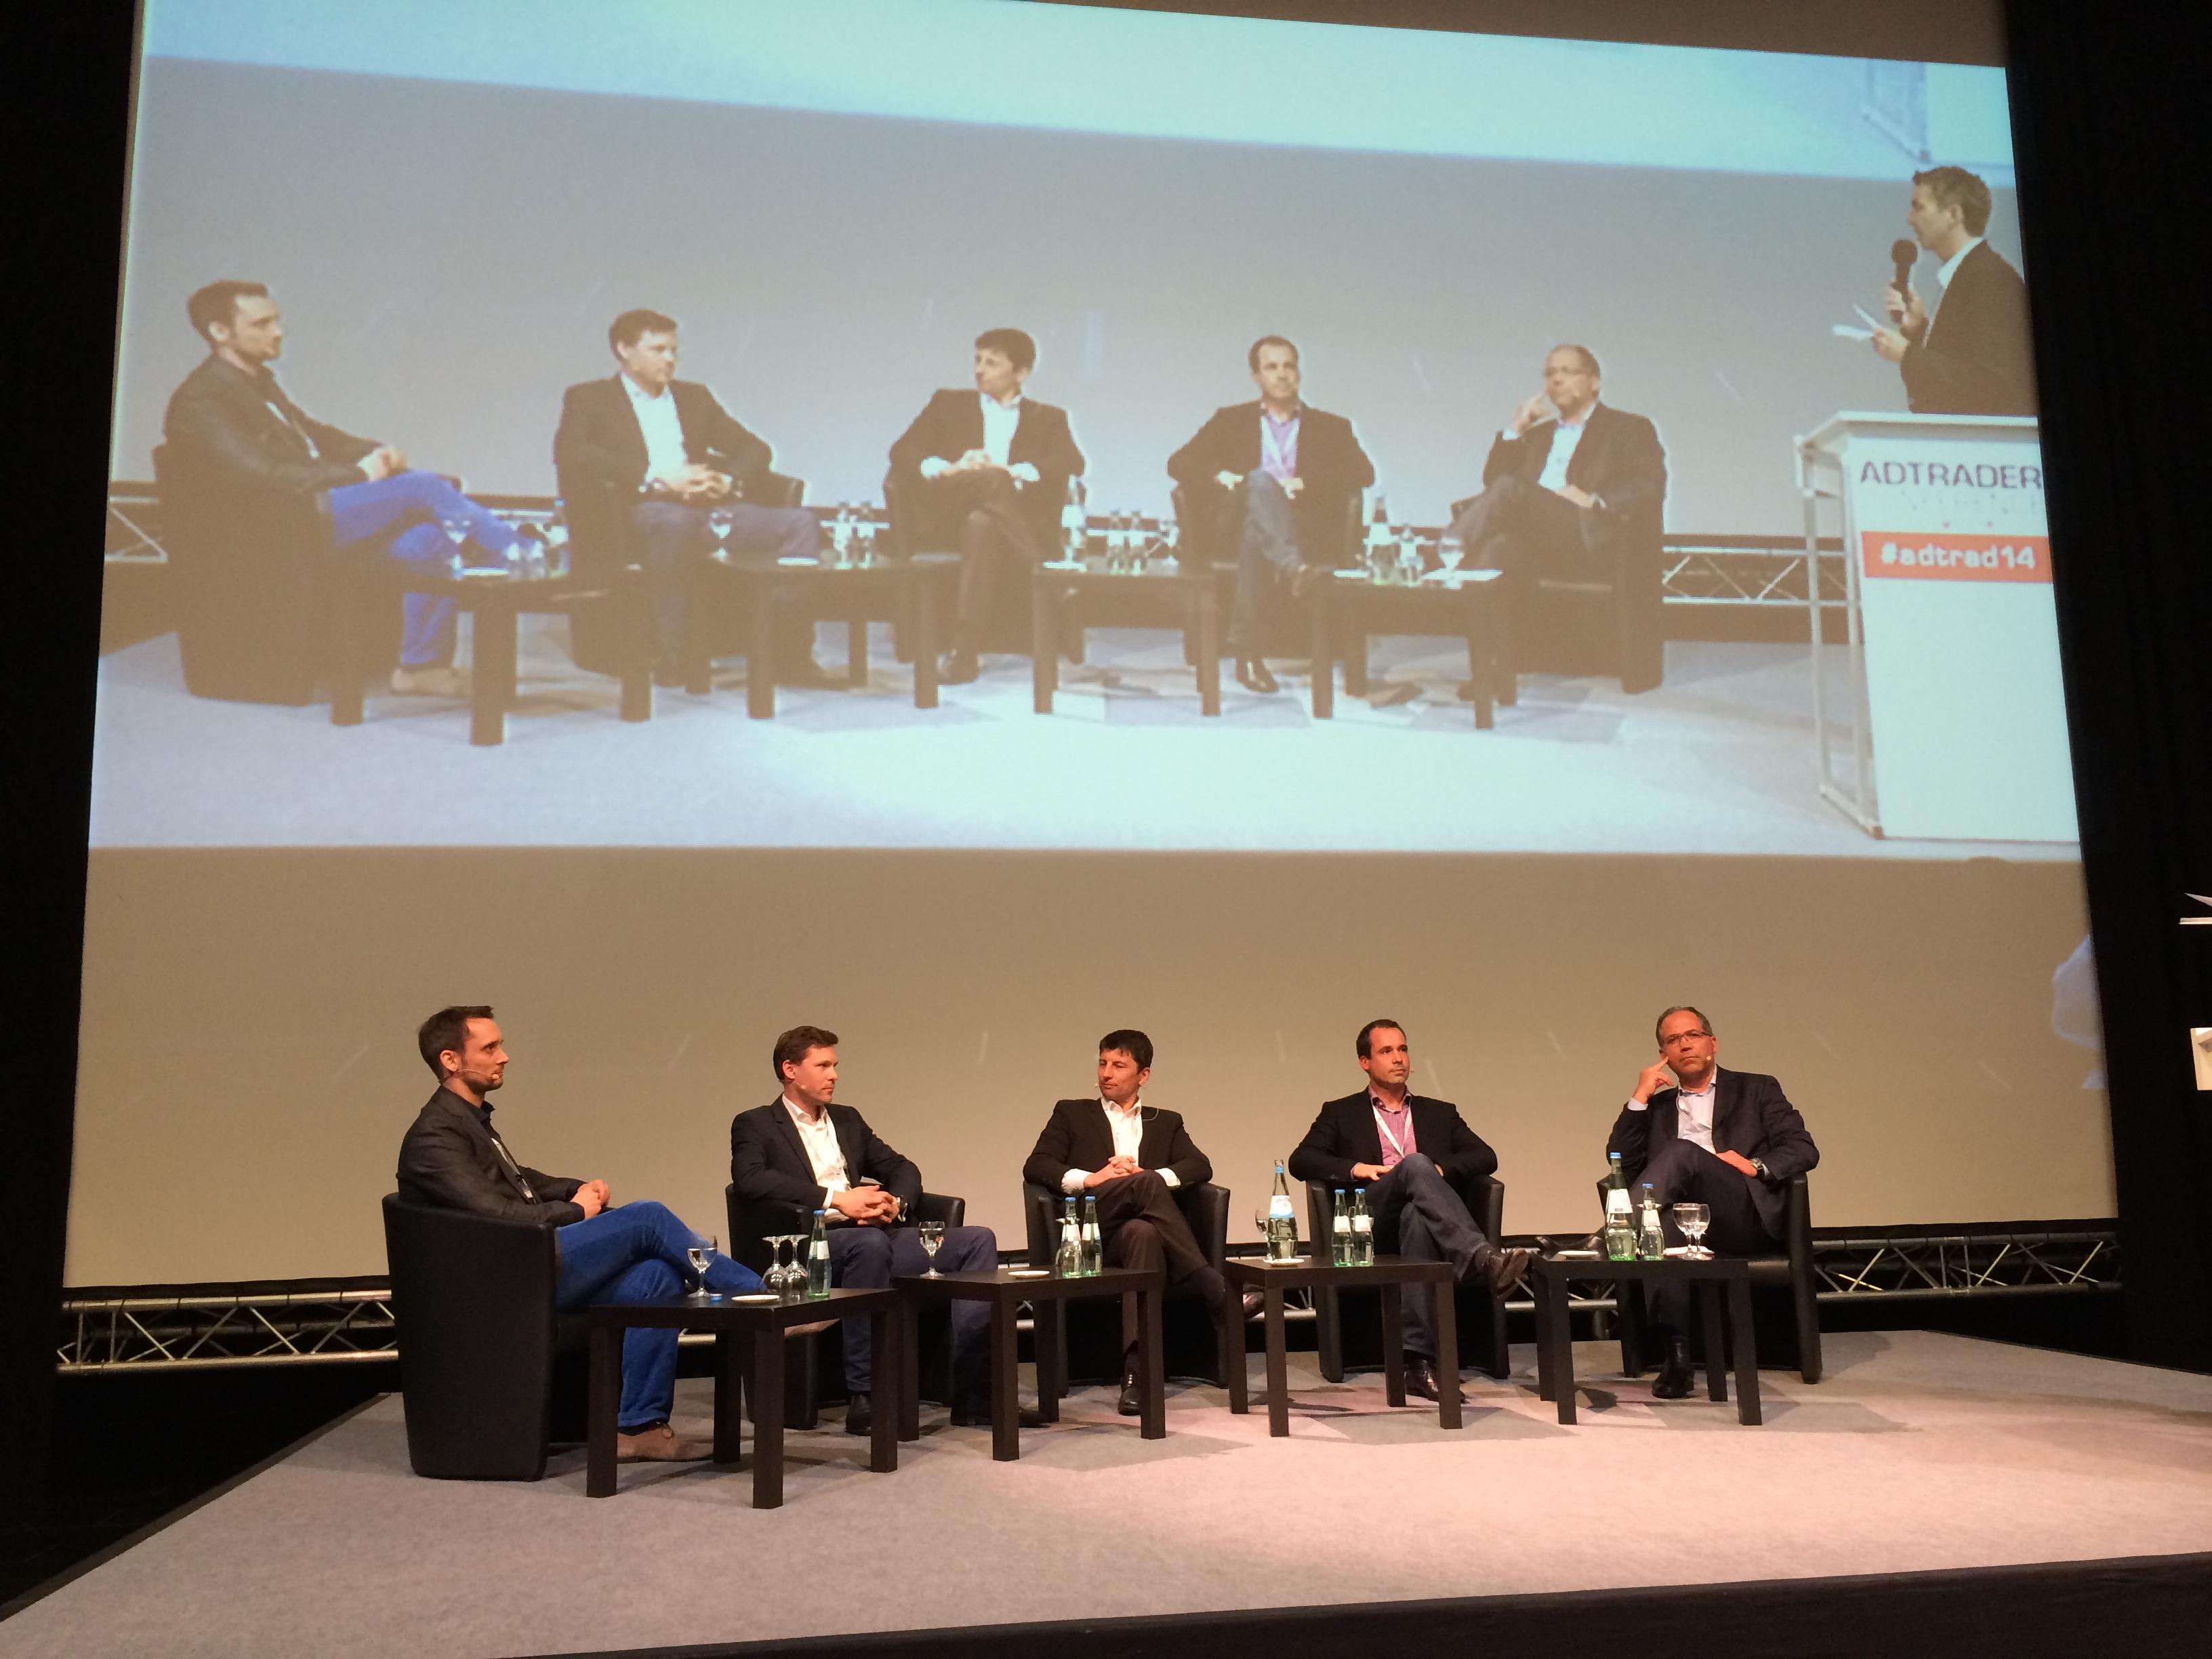 Eine von zahlreichen Paneldiskussionen auf der Adtrader Conference 2014